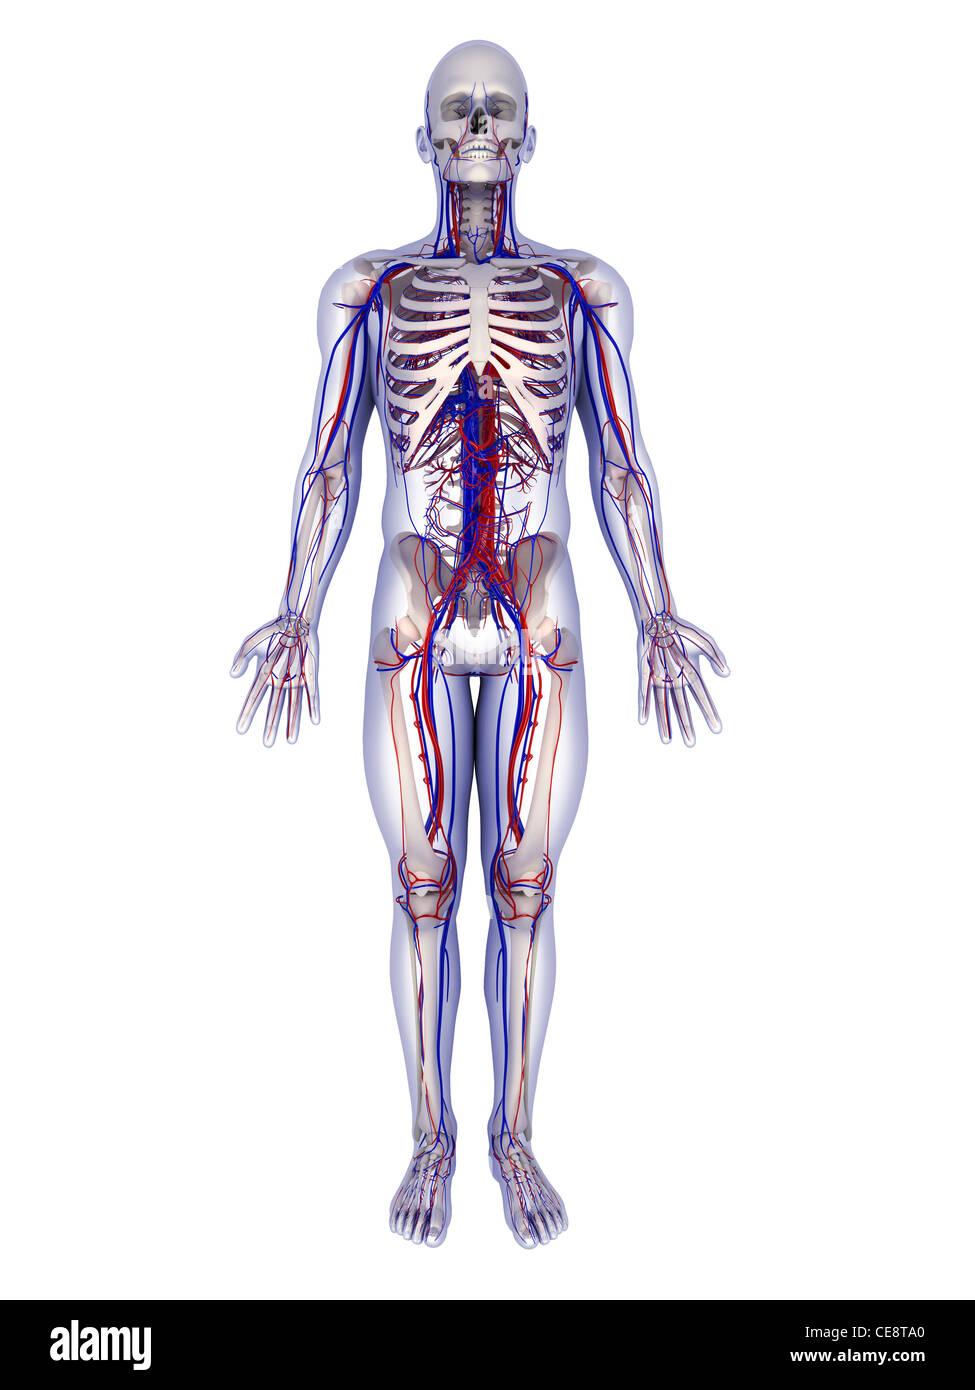 Nett Anatomie Kreislaufsystem Zeitgenössisch - Menschliche Anatomie ...